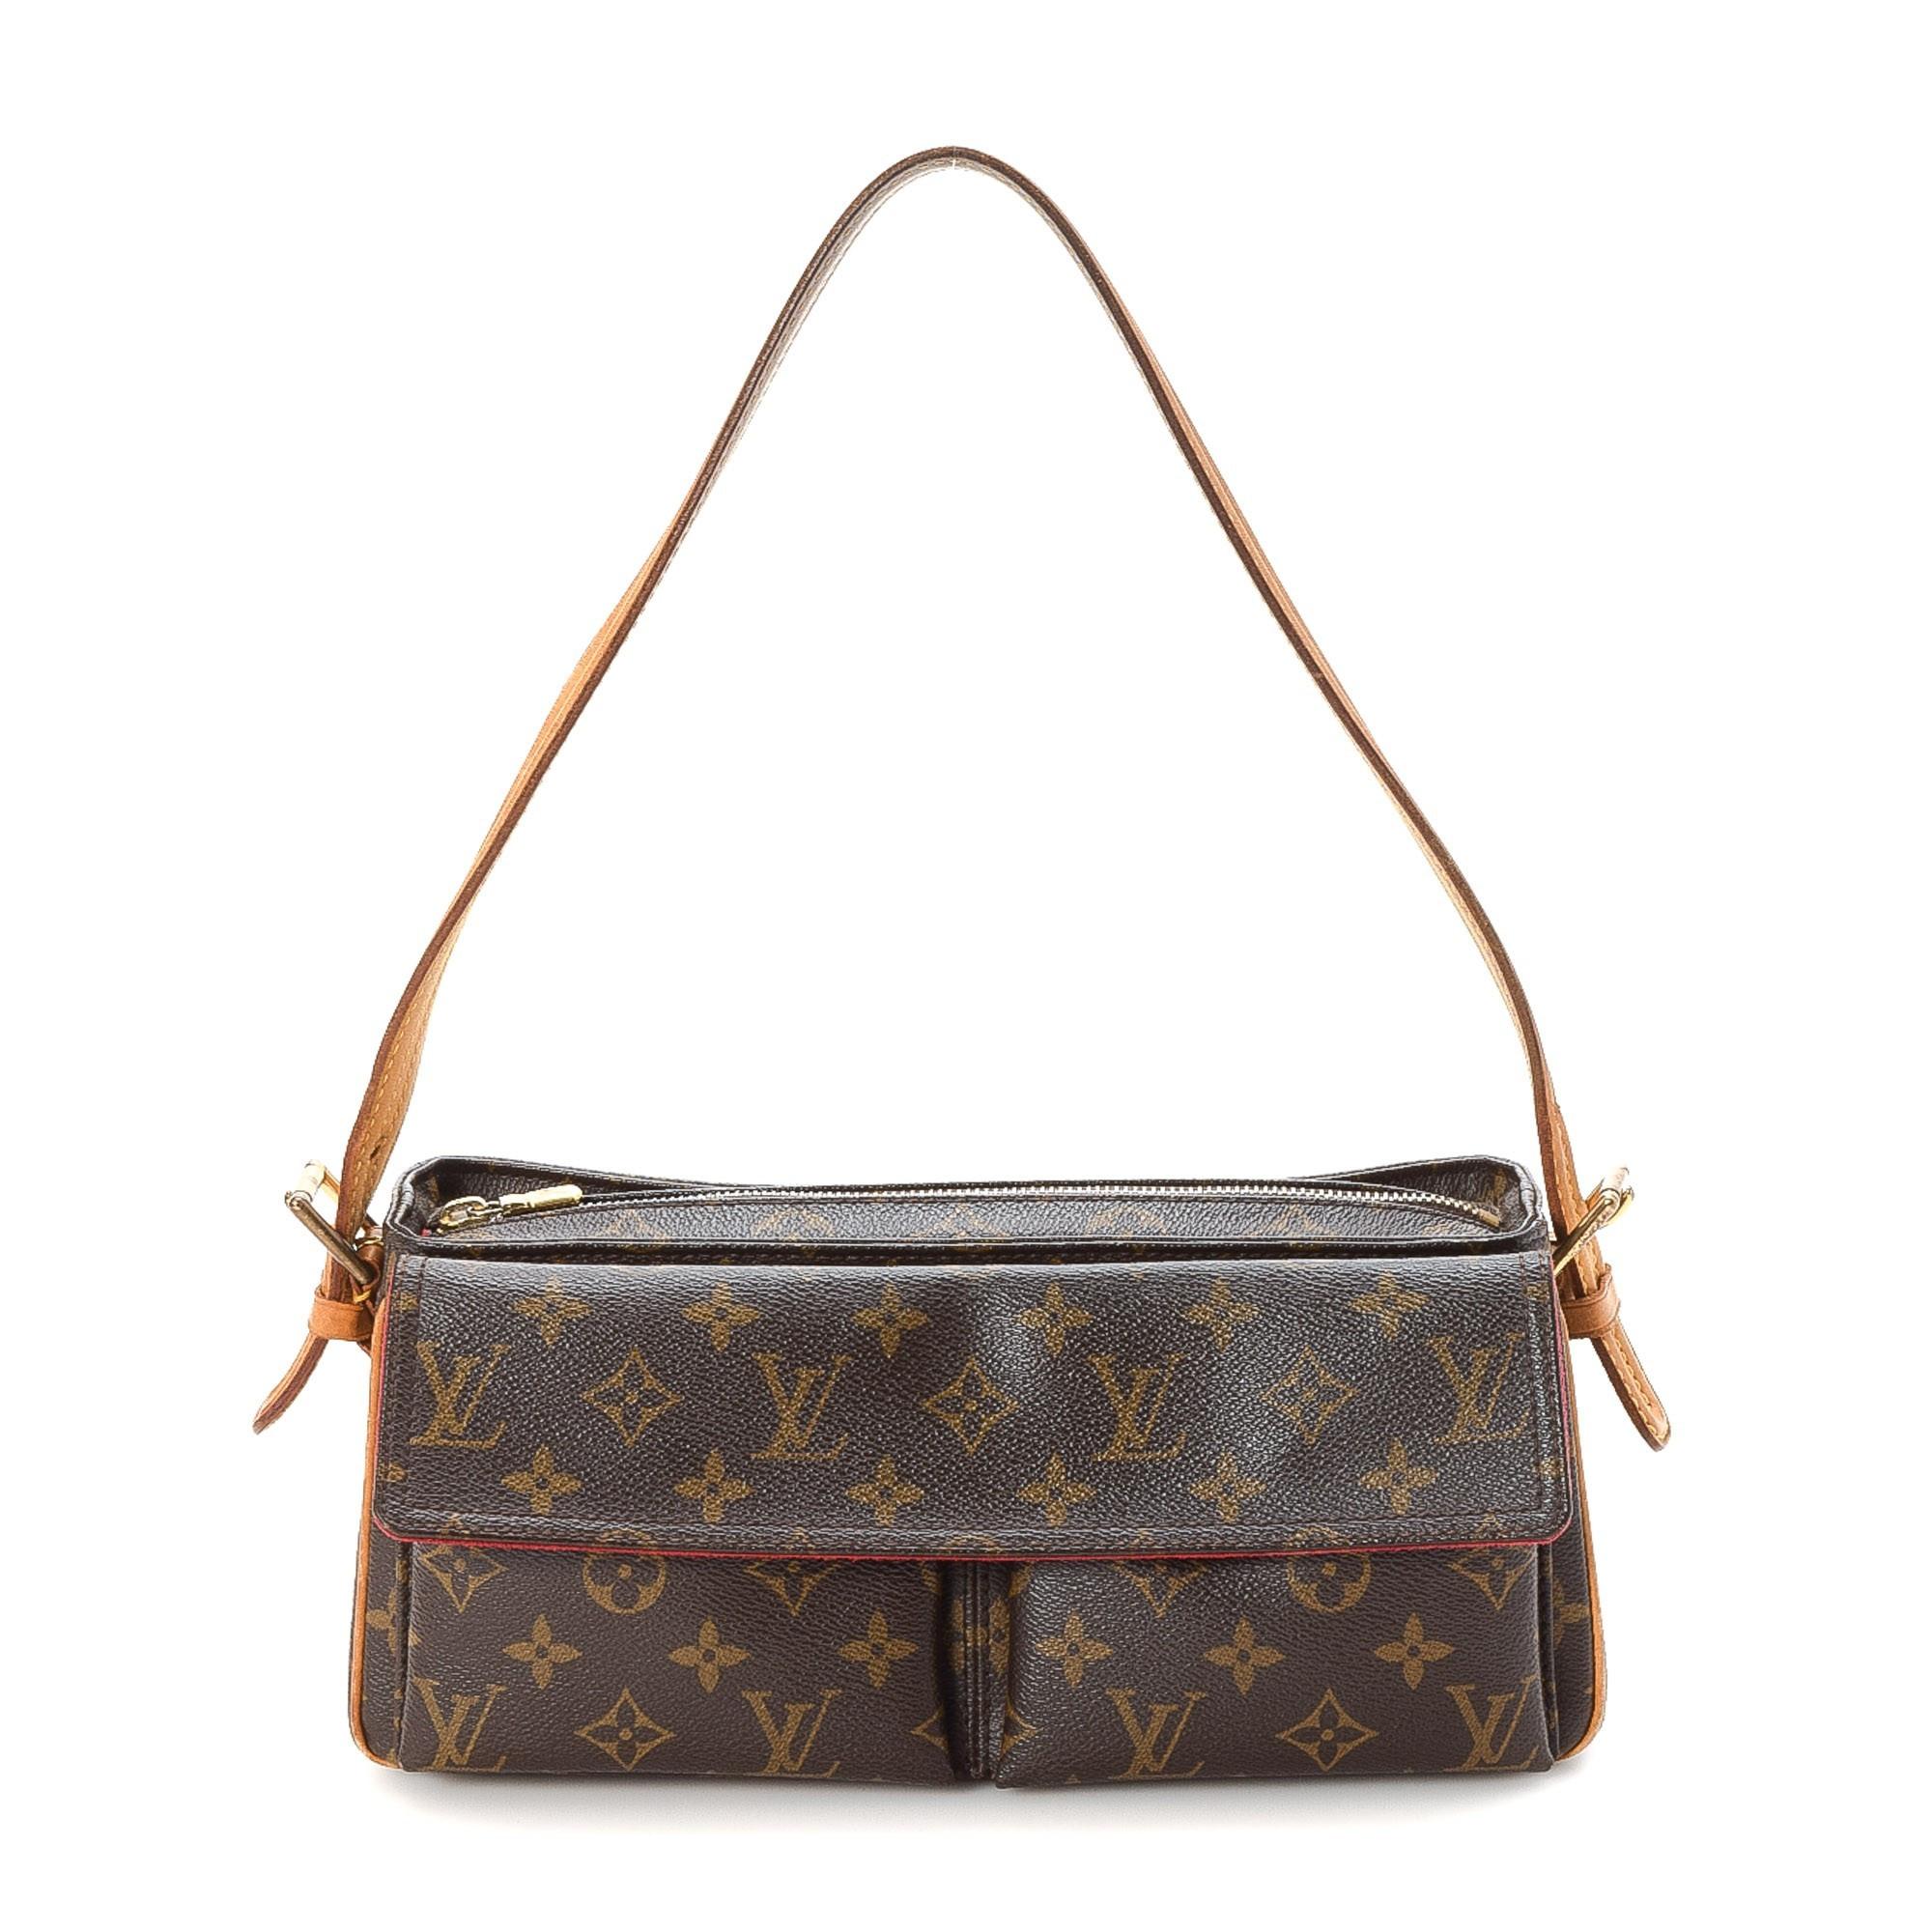 Louis Vuitton Viva-cite MM Monogram Brown Coated Canvas Shoulder Bag LXRCO